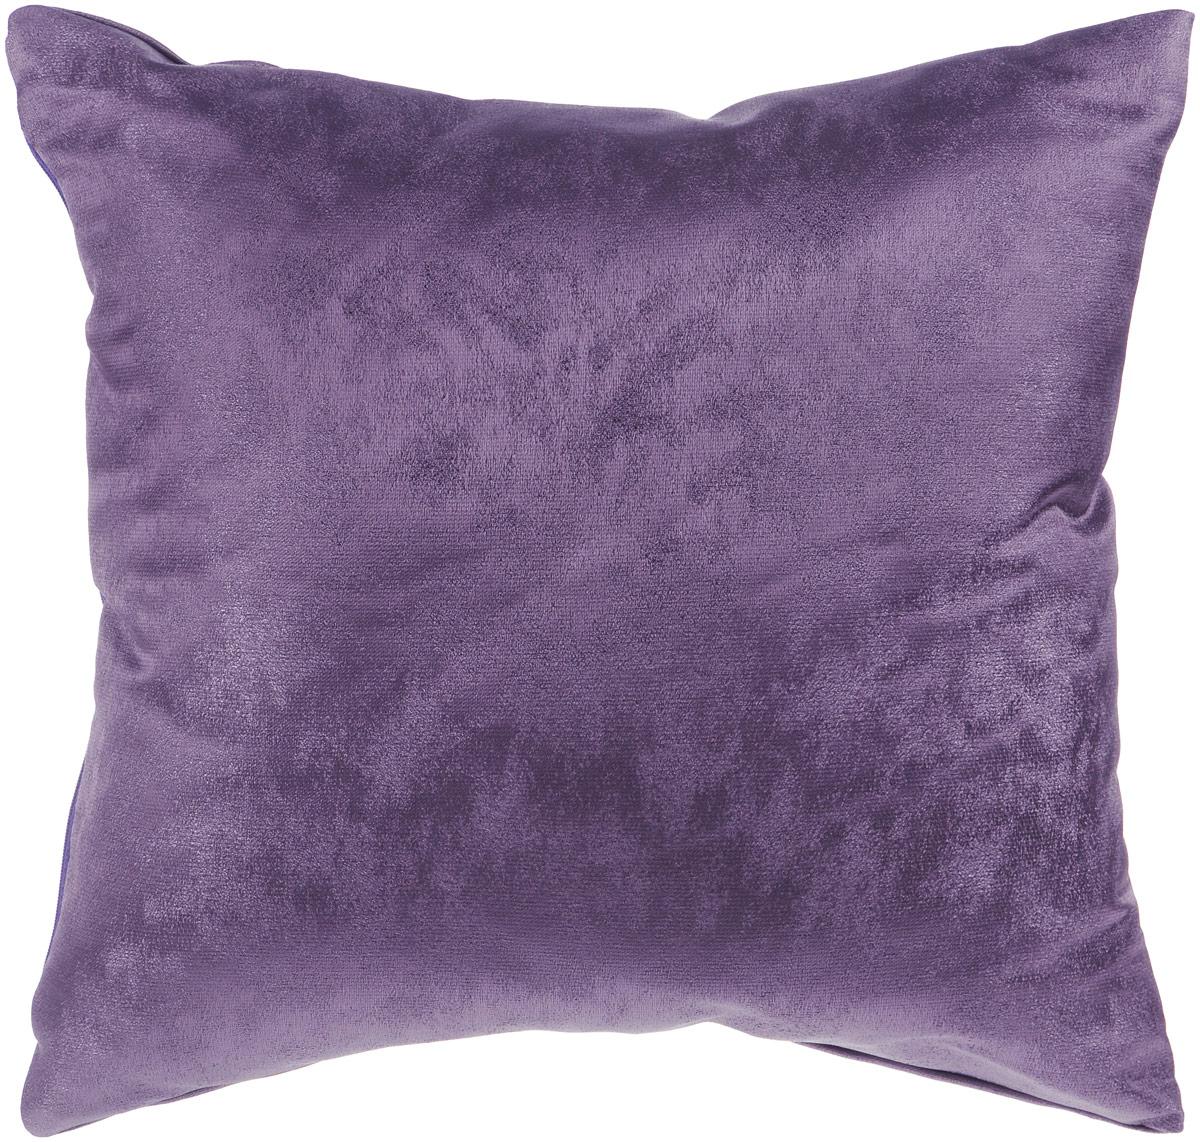 Подушка декоративная KauffOrt Магия, цвет: фиолетовый, 40 x 40 см531-105Декоративная подушка Магия прекрасно дополнит интерьер спальни или гостиной. Приятный на ощупь чехол подушки выполнен из полиэстера. Внутри находится мягкий наполнитель. Чехол легко снимается благодаря потайной молнии в тон ткани.Красивая подушка создаст атмосферу уюта и комфорта в спальне и станет прекрасным элементом декора.